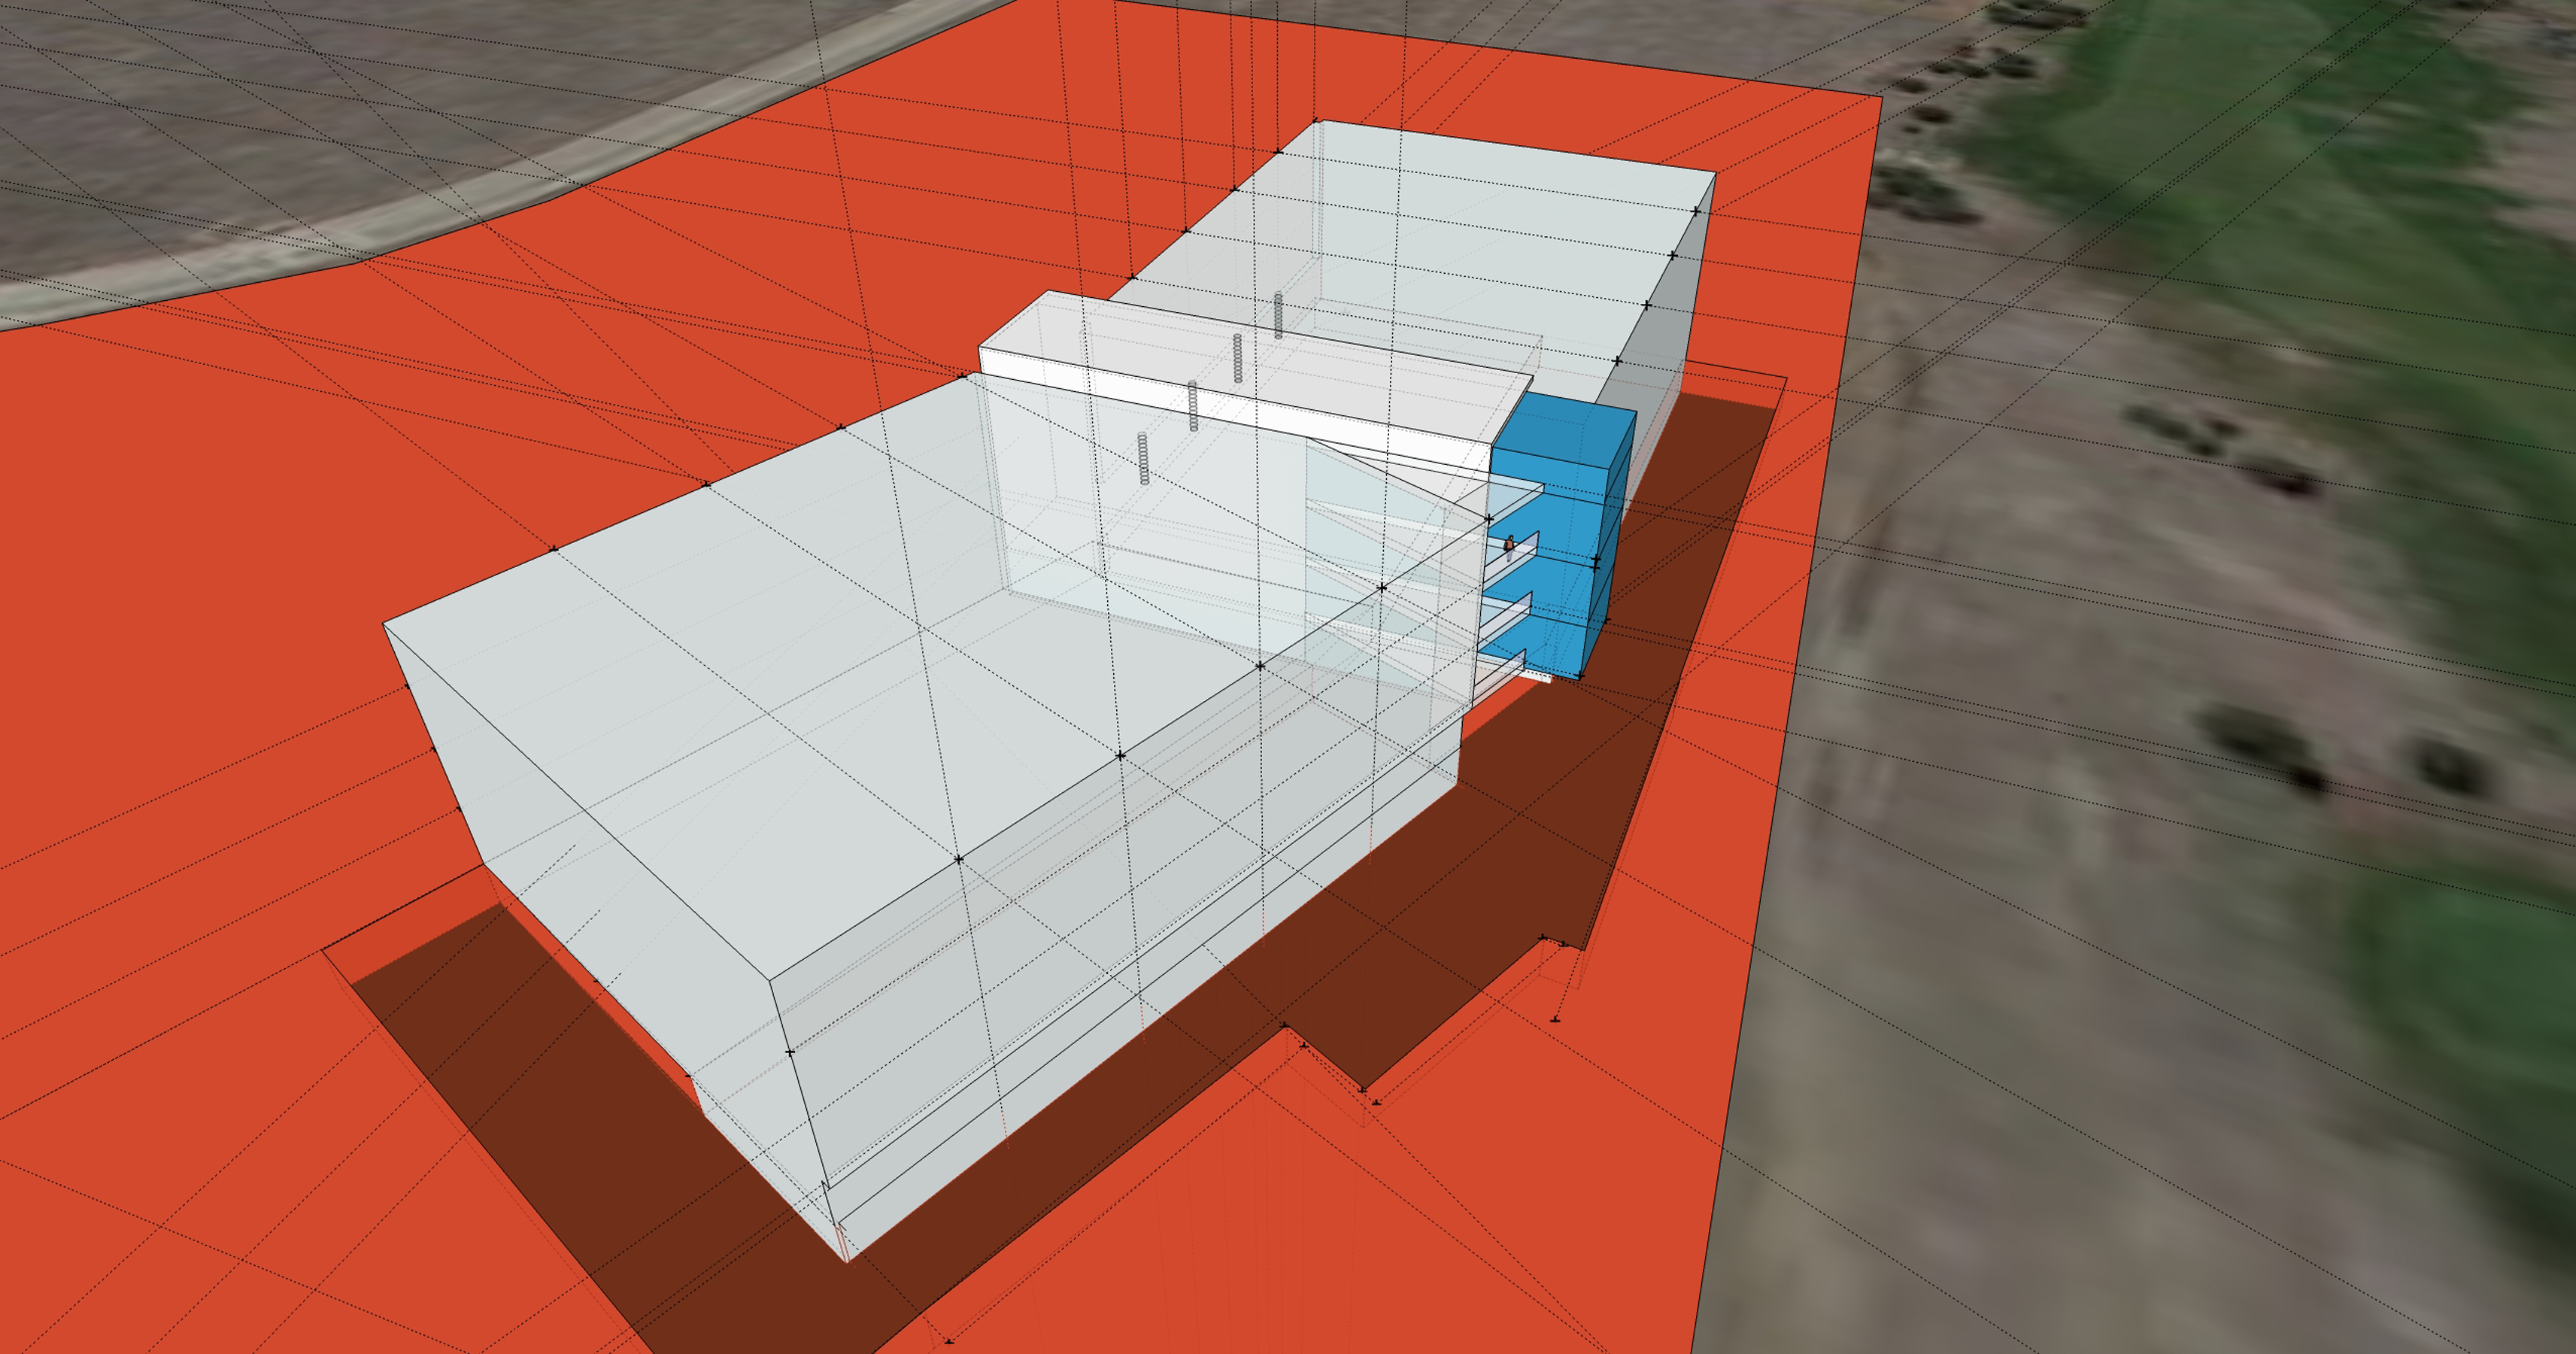 001 open studio architecture Trizzeto Concept Model OSA